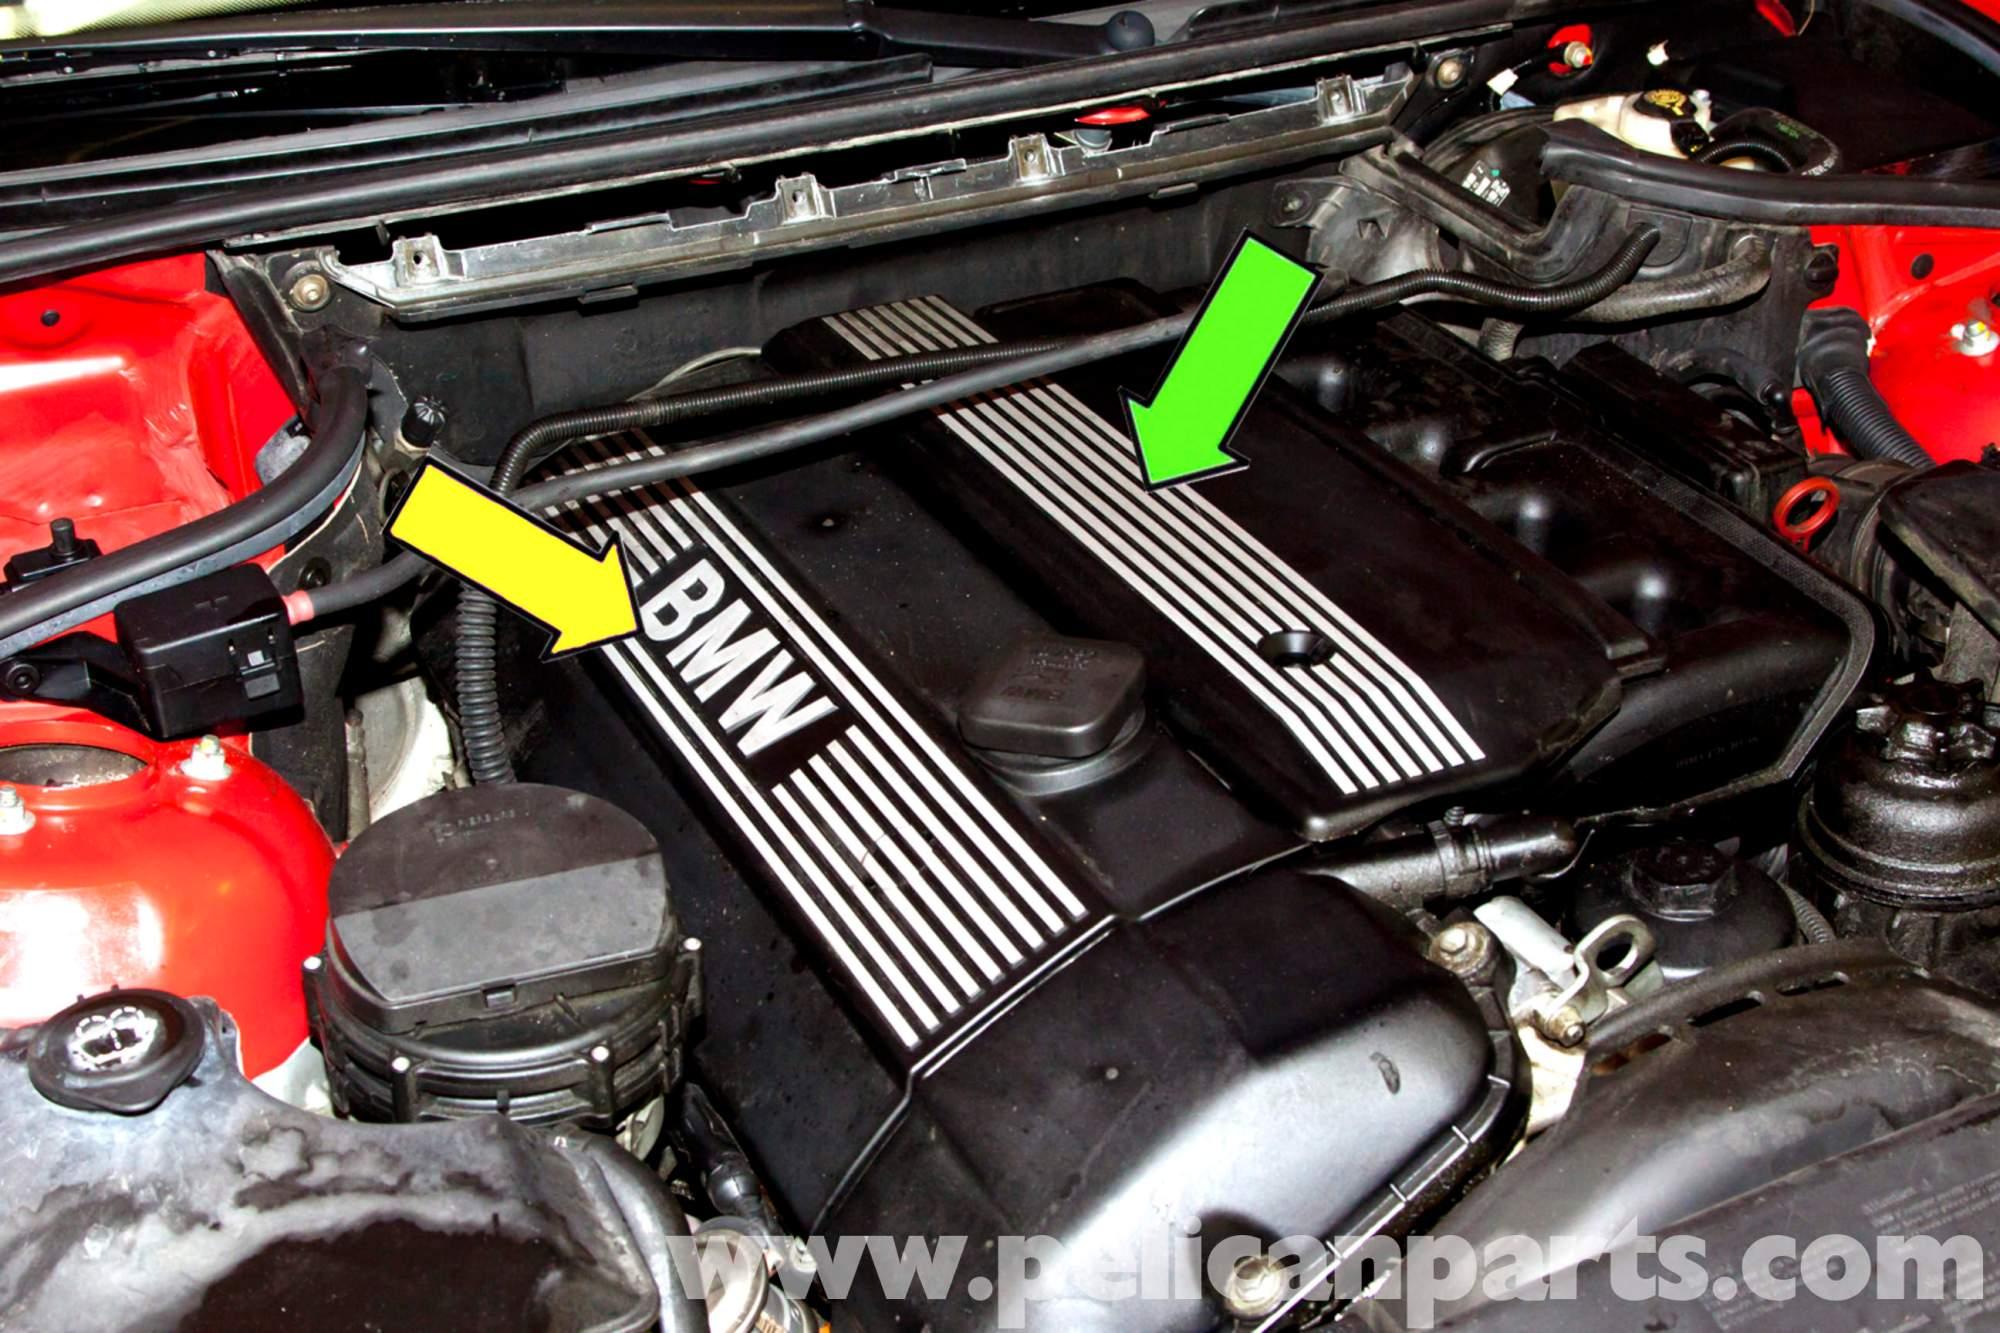 hight resolution of 2002 bmw 325i engine diagram bmw e39 528i engine diagram 1988 bmw 325i convertible bmw valvetronic